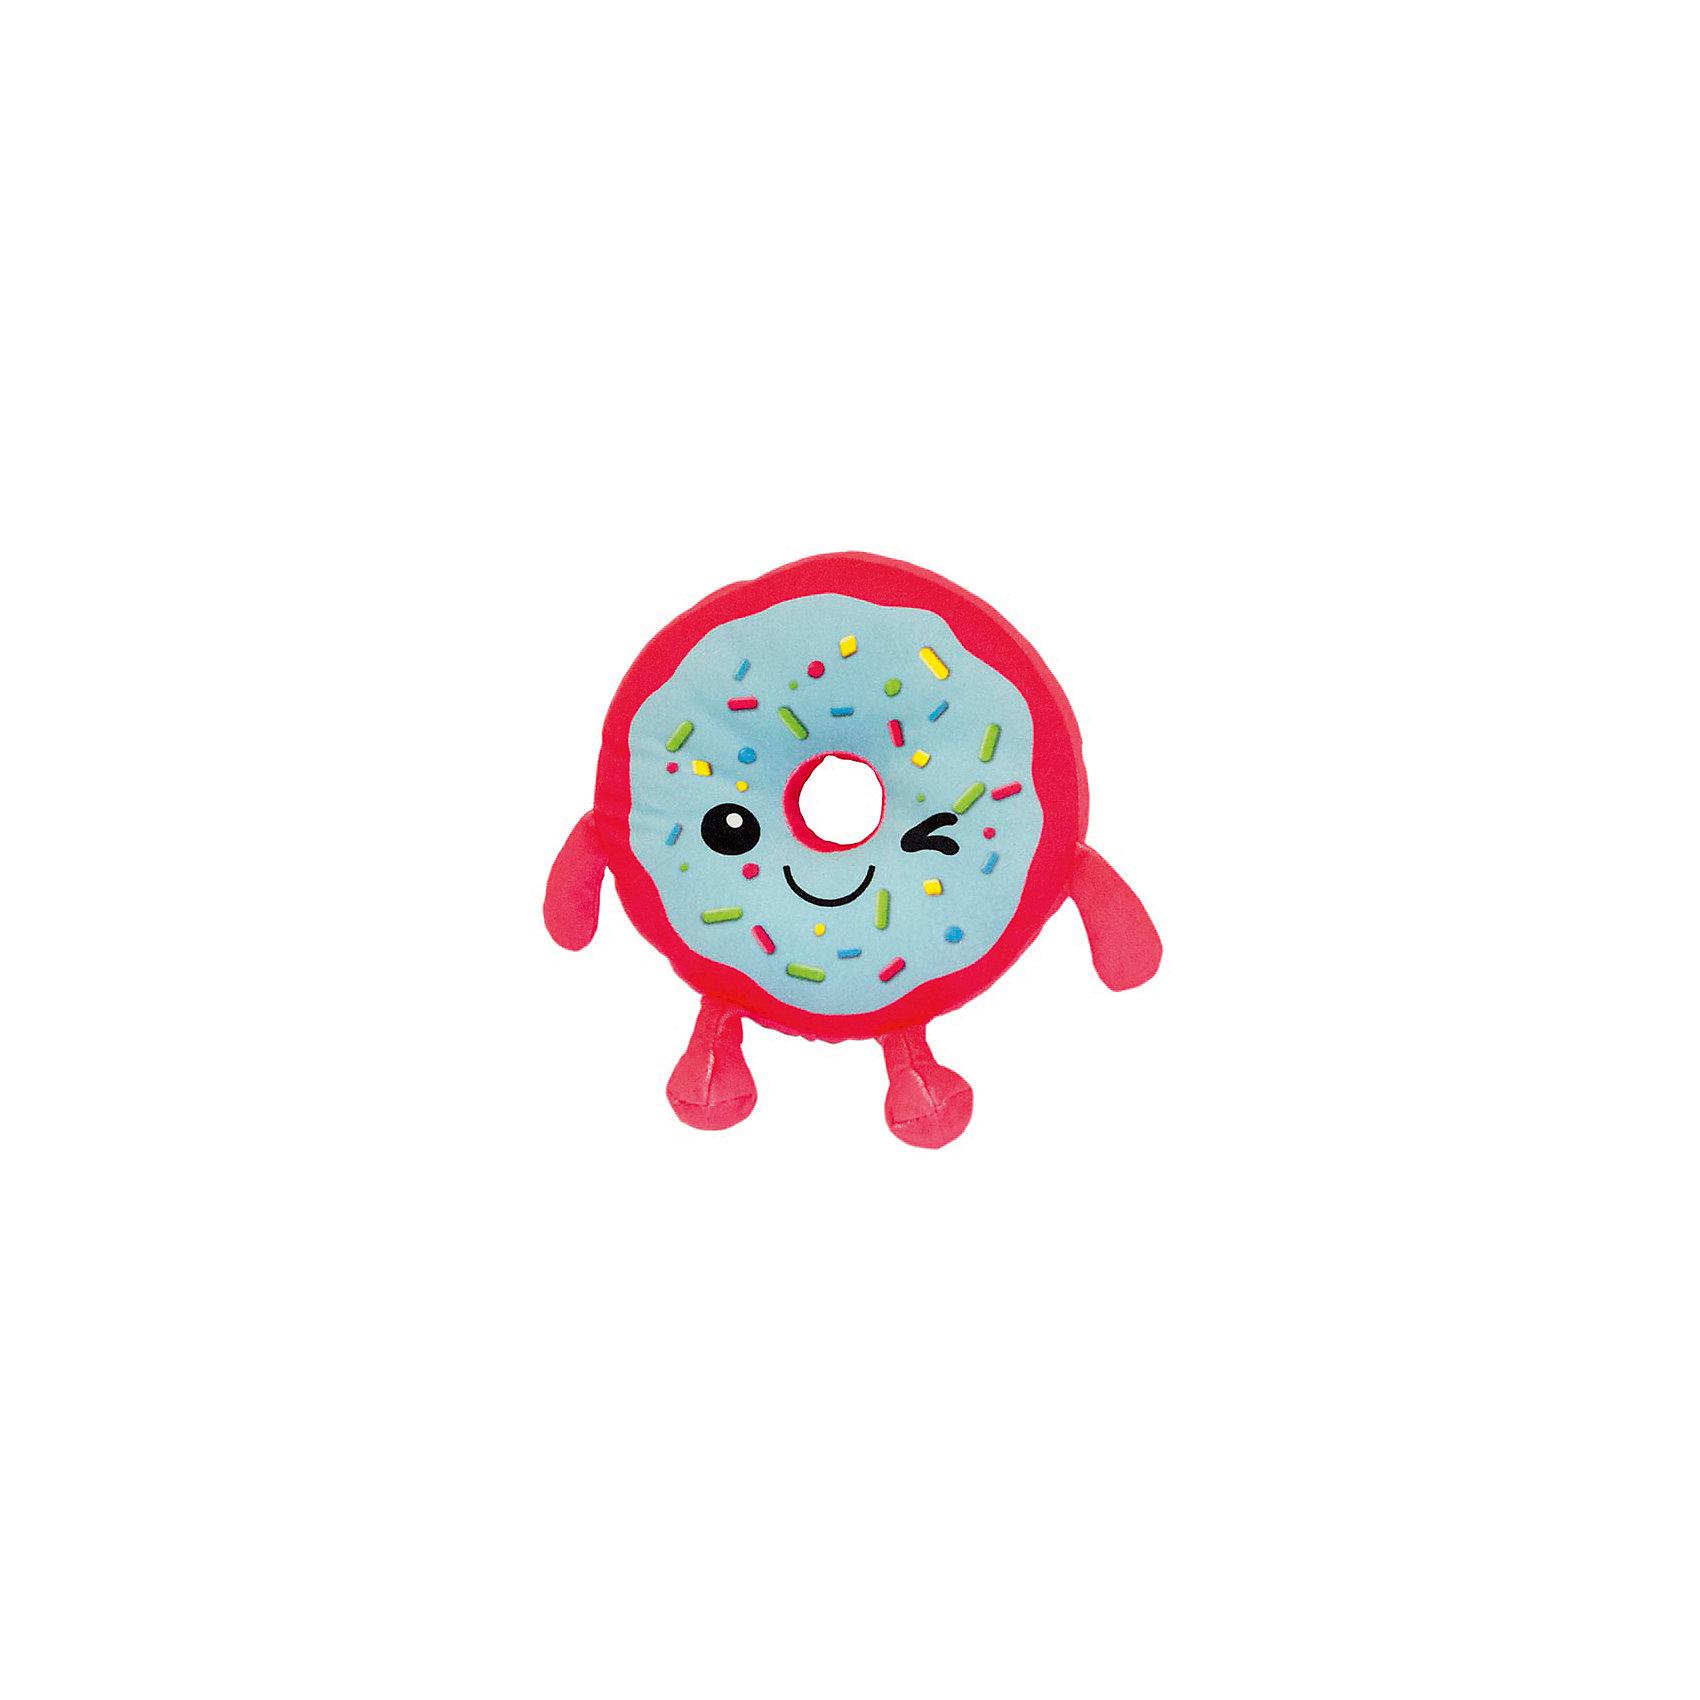 Пончик-фрики, Button BlueМягкая игрушка Пончик-фрики от марки Button Blue<br><br>Мягкие игрушки нравятся практически всем детям. Они безопасны, удобны, приятны на ощупь, с ними можно придумать множество игр. Играя с такой вещью, ребенок будет развивать воображение. Пончик-фрики обязательно понравится любителям сладкого!<br>Помимо всего, мягкие игрушки хорошо смотрятся в интерьере, они украшают и дополняют детскую комнату. Игрушки от Button Blue отличаются высоким качеством, оригинальным дизайном, яркими цветами и отличным исполнением.<br><br>Отличительные особенности игрушки:<br><br>- материал: текстиль;<br>- цвет: разноцветный;<br>- размер упаковки: 15 х 20 х 5 см;<br>- вес: 128 г.<br><br>Мягкую игрушку Пончик-фрики от марки Button Blue можно купить в нашем магазине.<br><br>Ширина мм: 150<br>Глубина мм: 200<br>Высота мм: 50<br>Вес г: 128<br>Возраст от месяцев: 36<br>Возраст до месяцев: 84<br>Пол: Унисекс<br>Возраст: Детский<br>SKU: 4665006